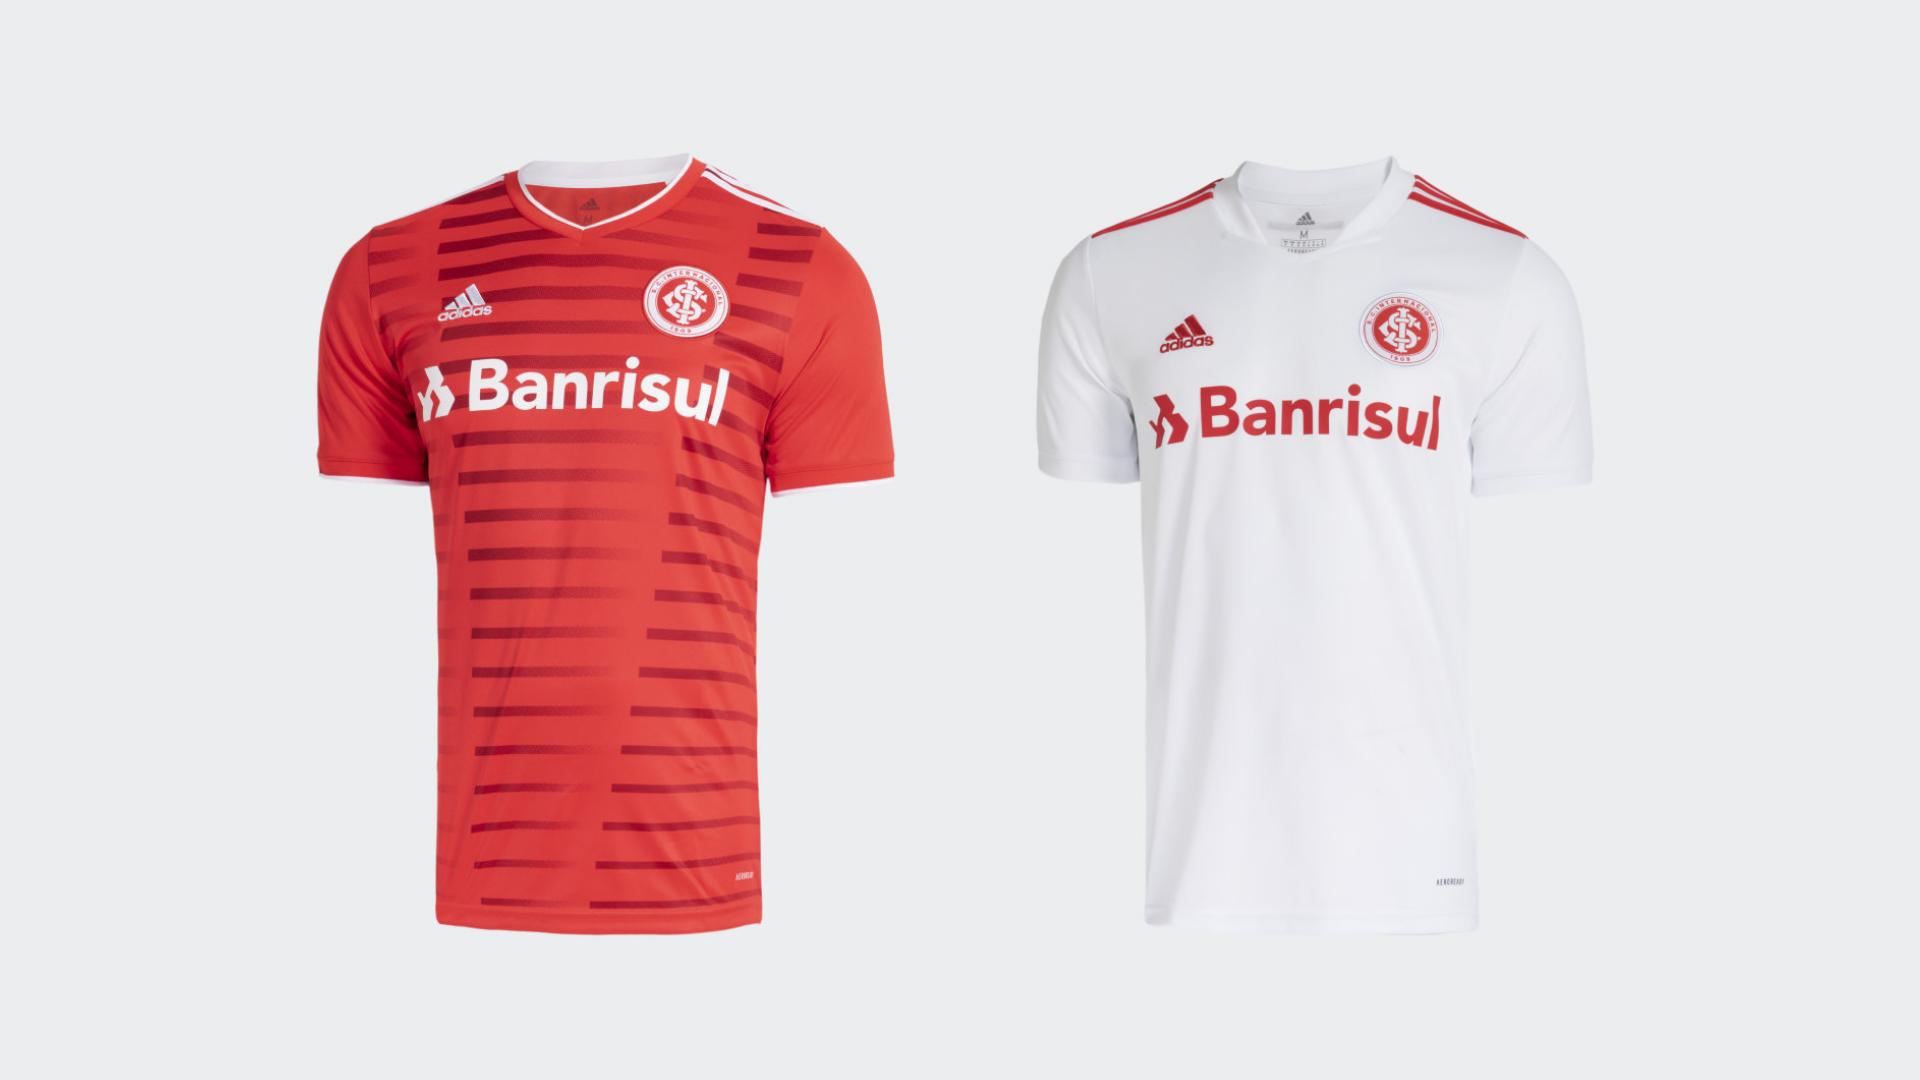 Camisa do Internacional 2021 (Imagem: Divulgação/Adidas)